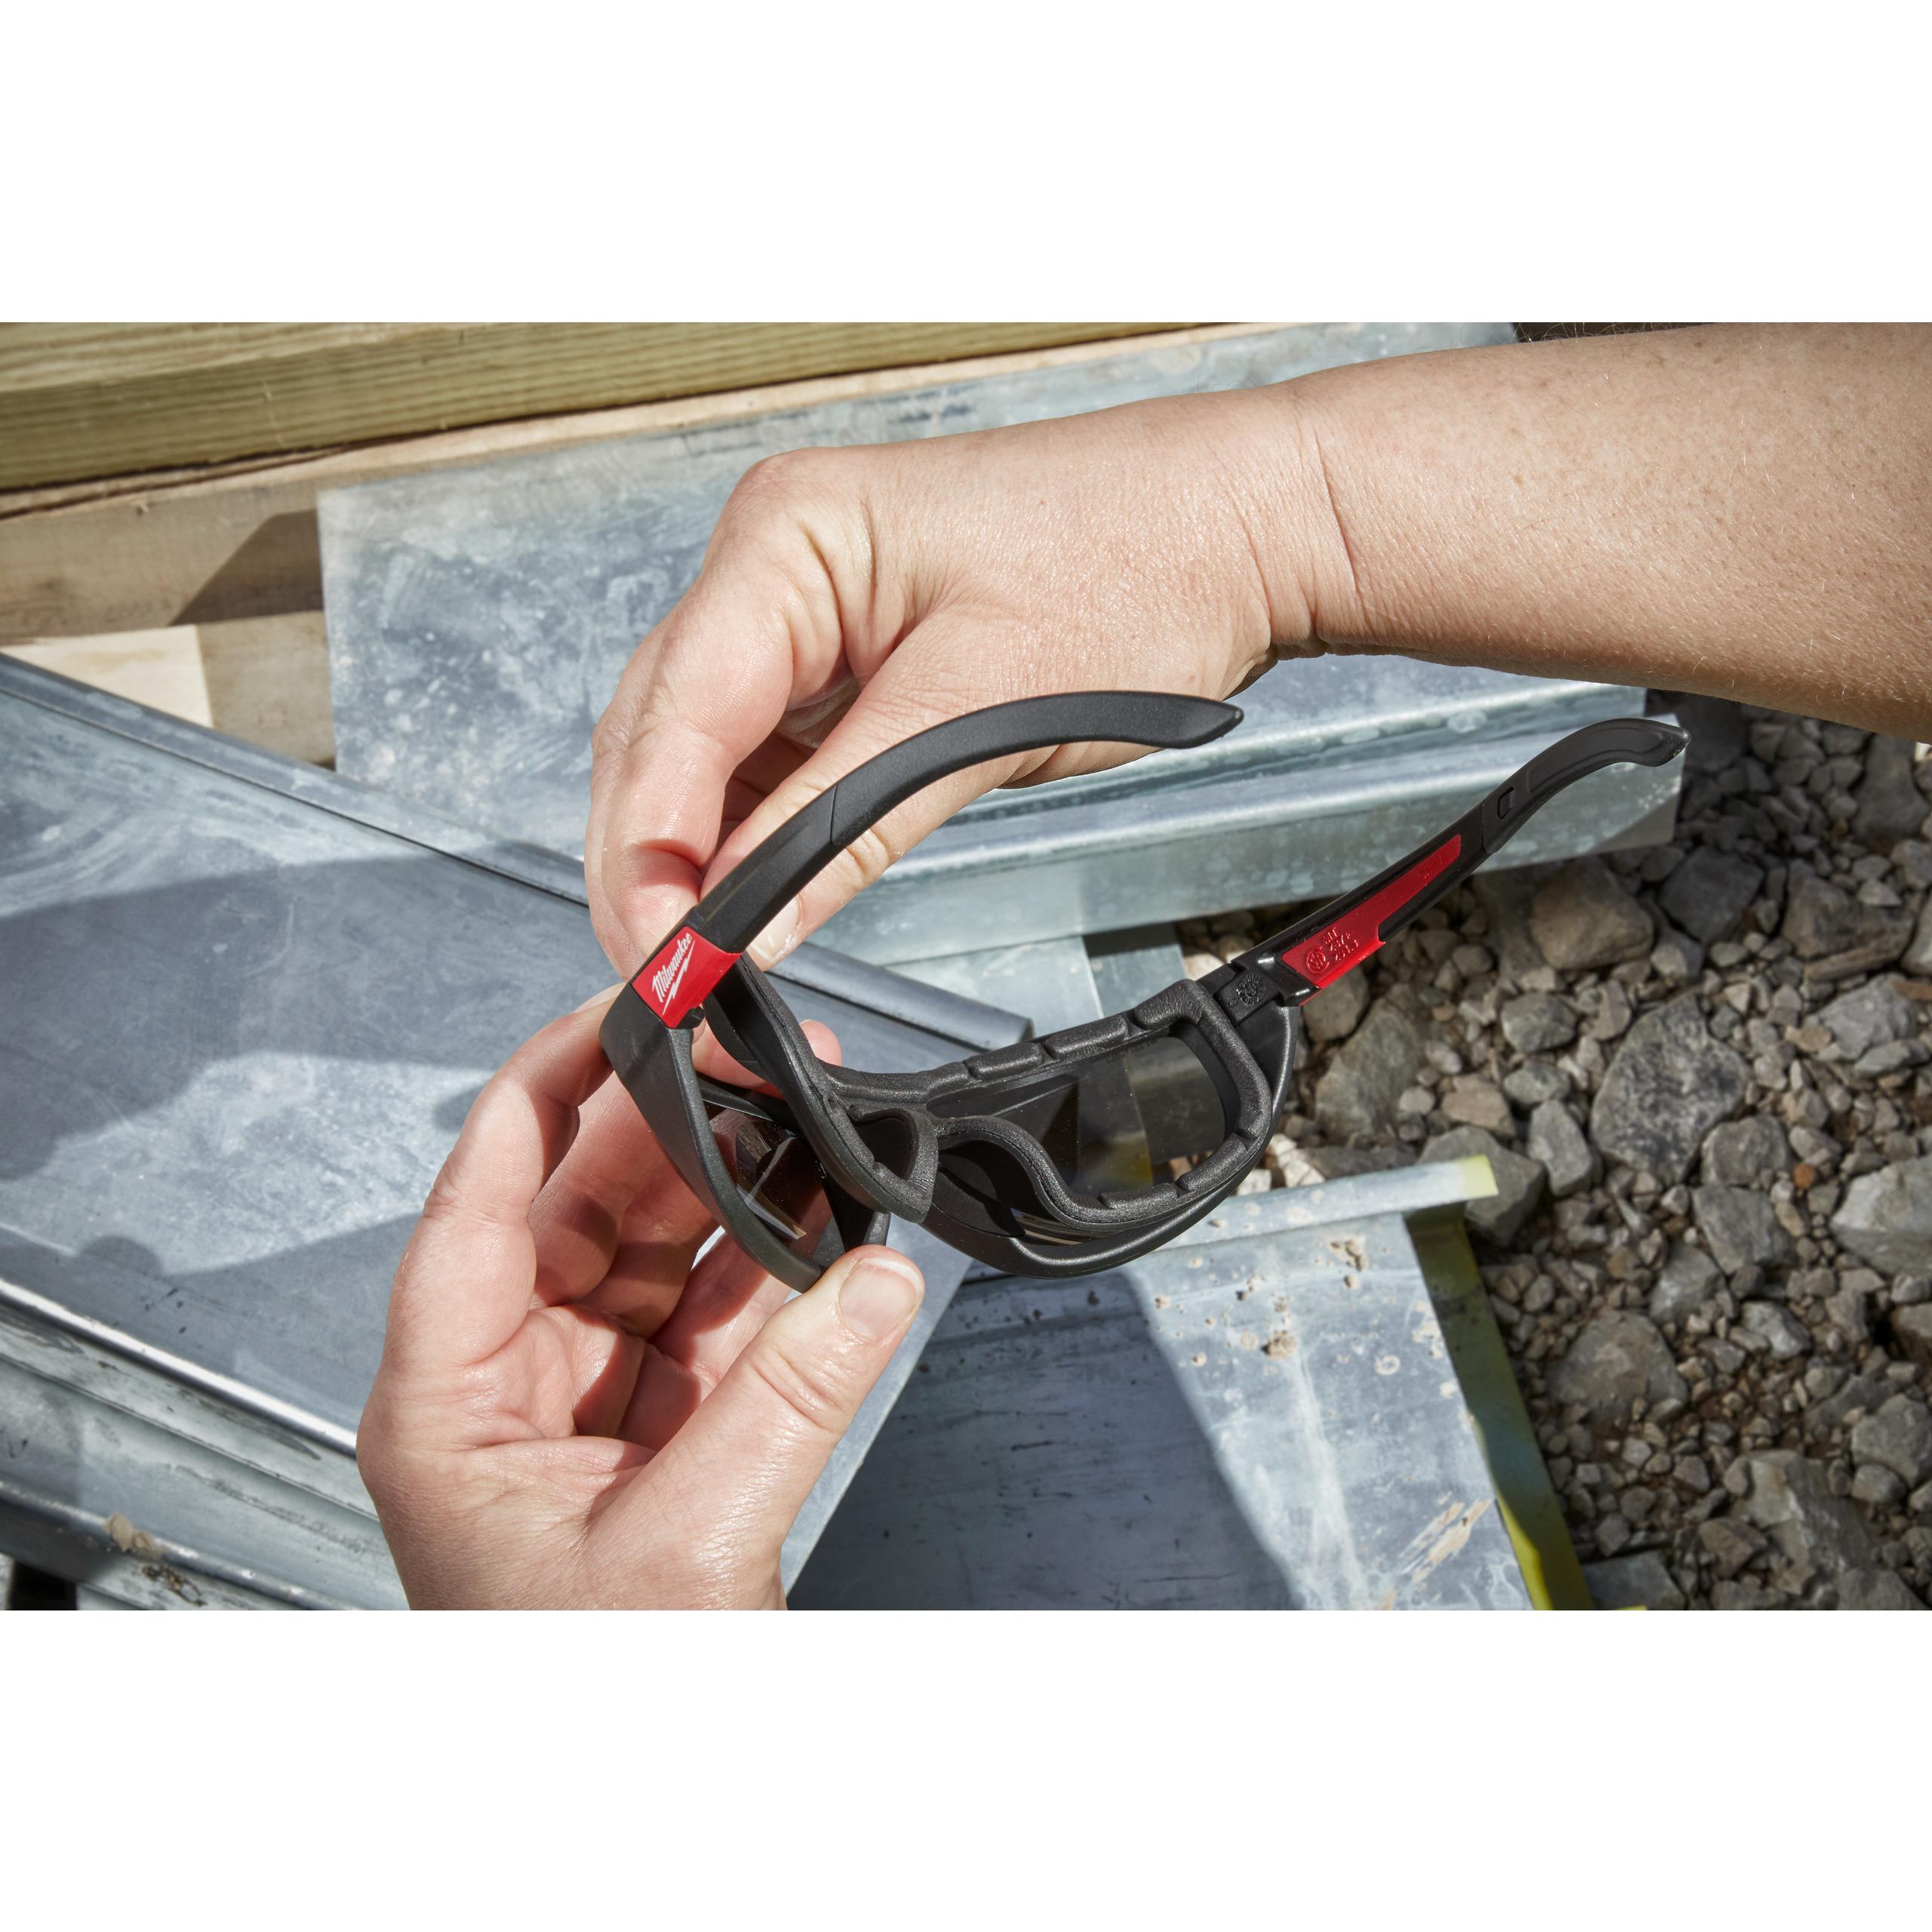 Vysoko výkonnostní ochranné brýle zatmavené s těsnící vložkou - 1ks